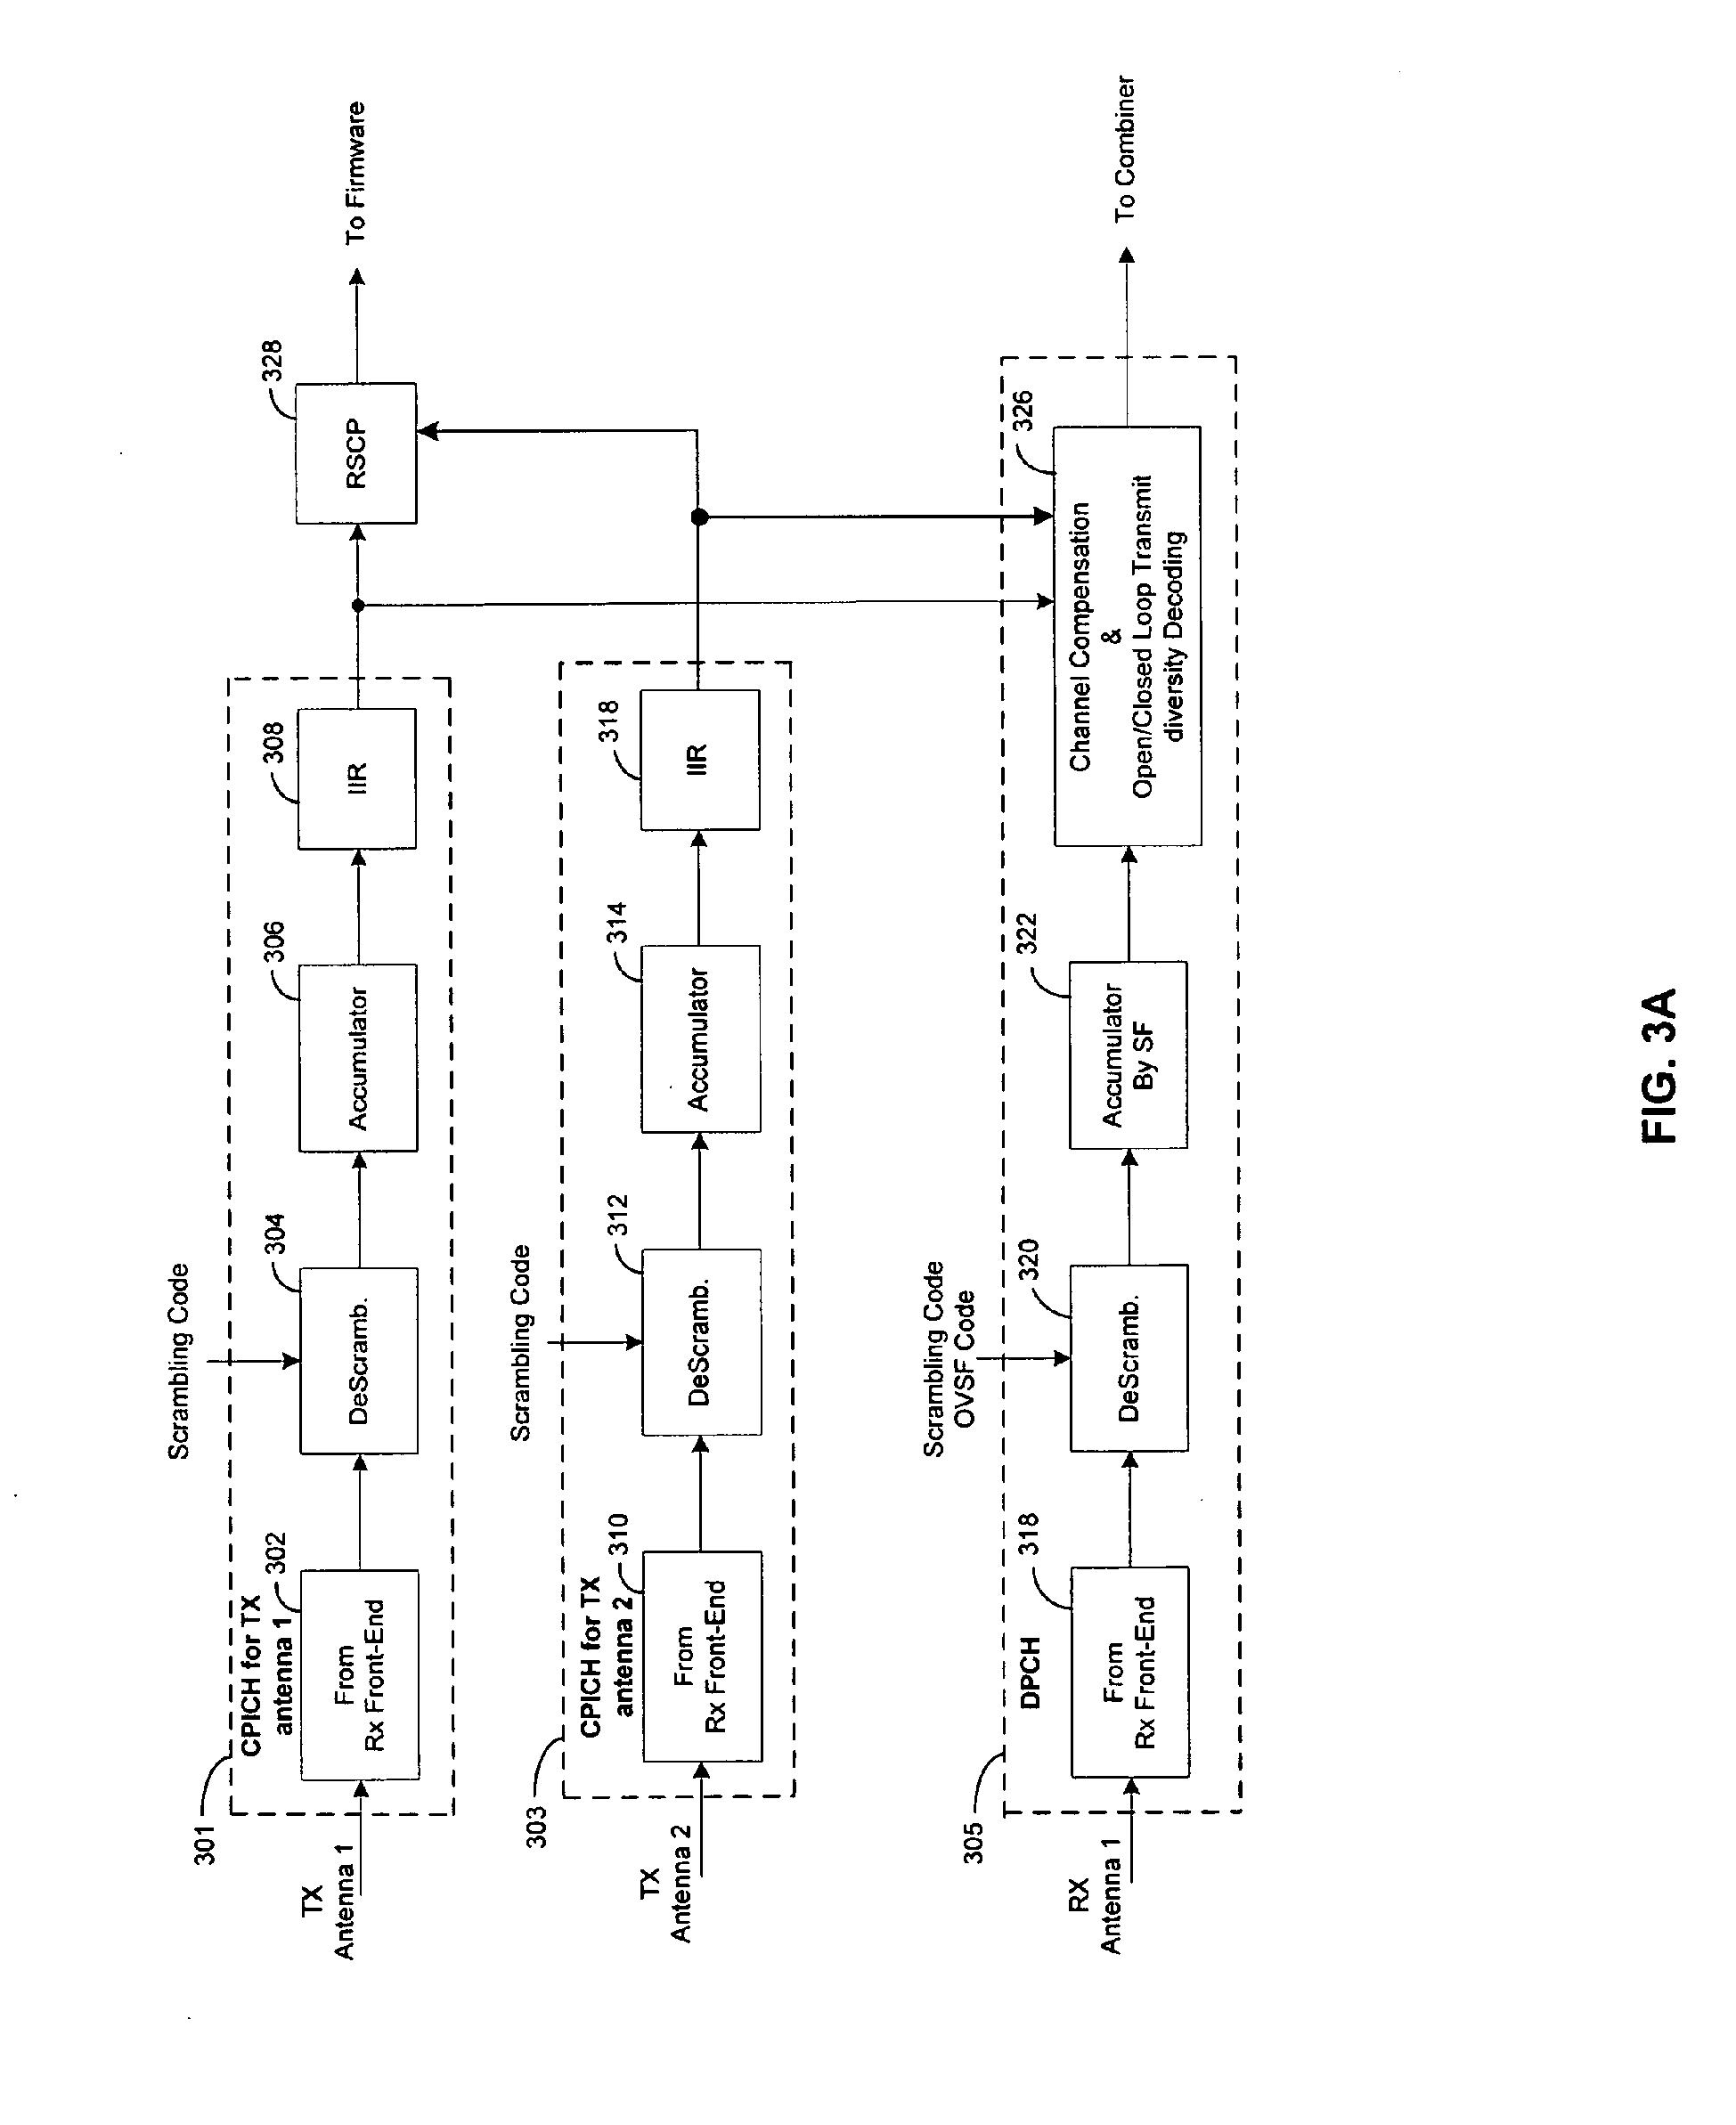 专利ep1928101a1 - method